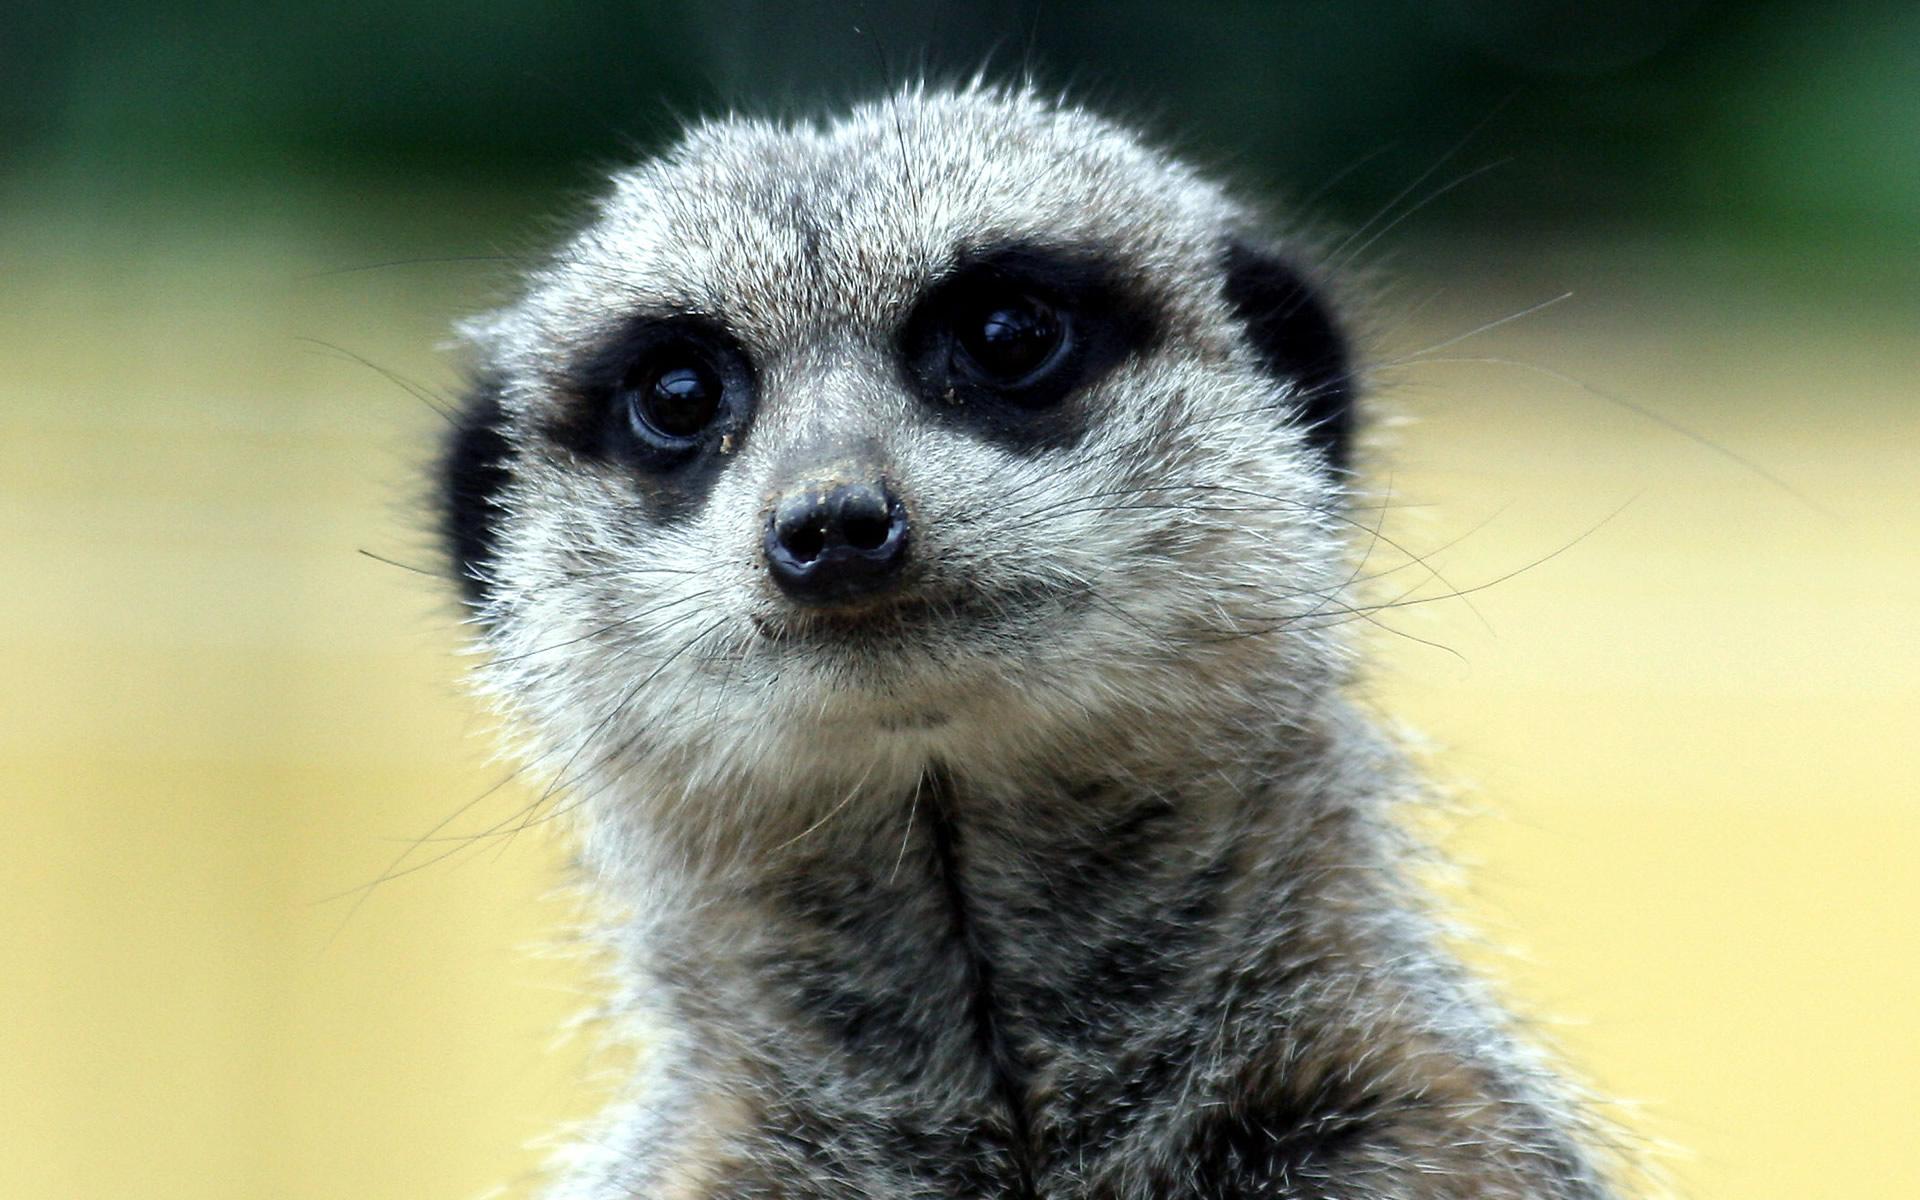 meerkat pictures funny